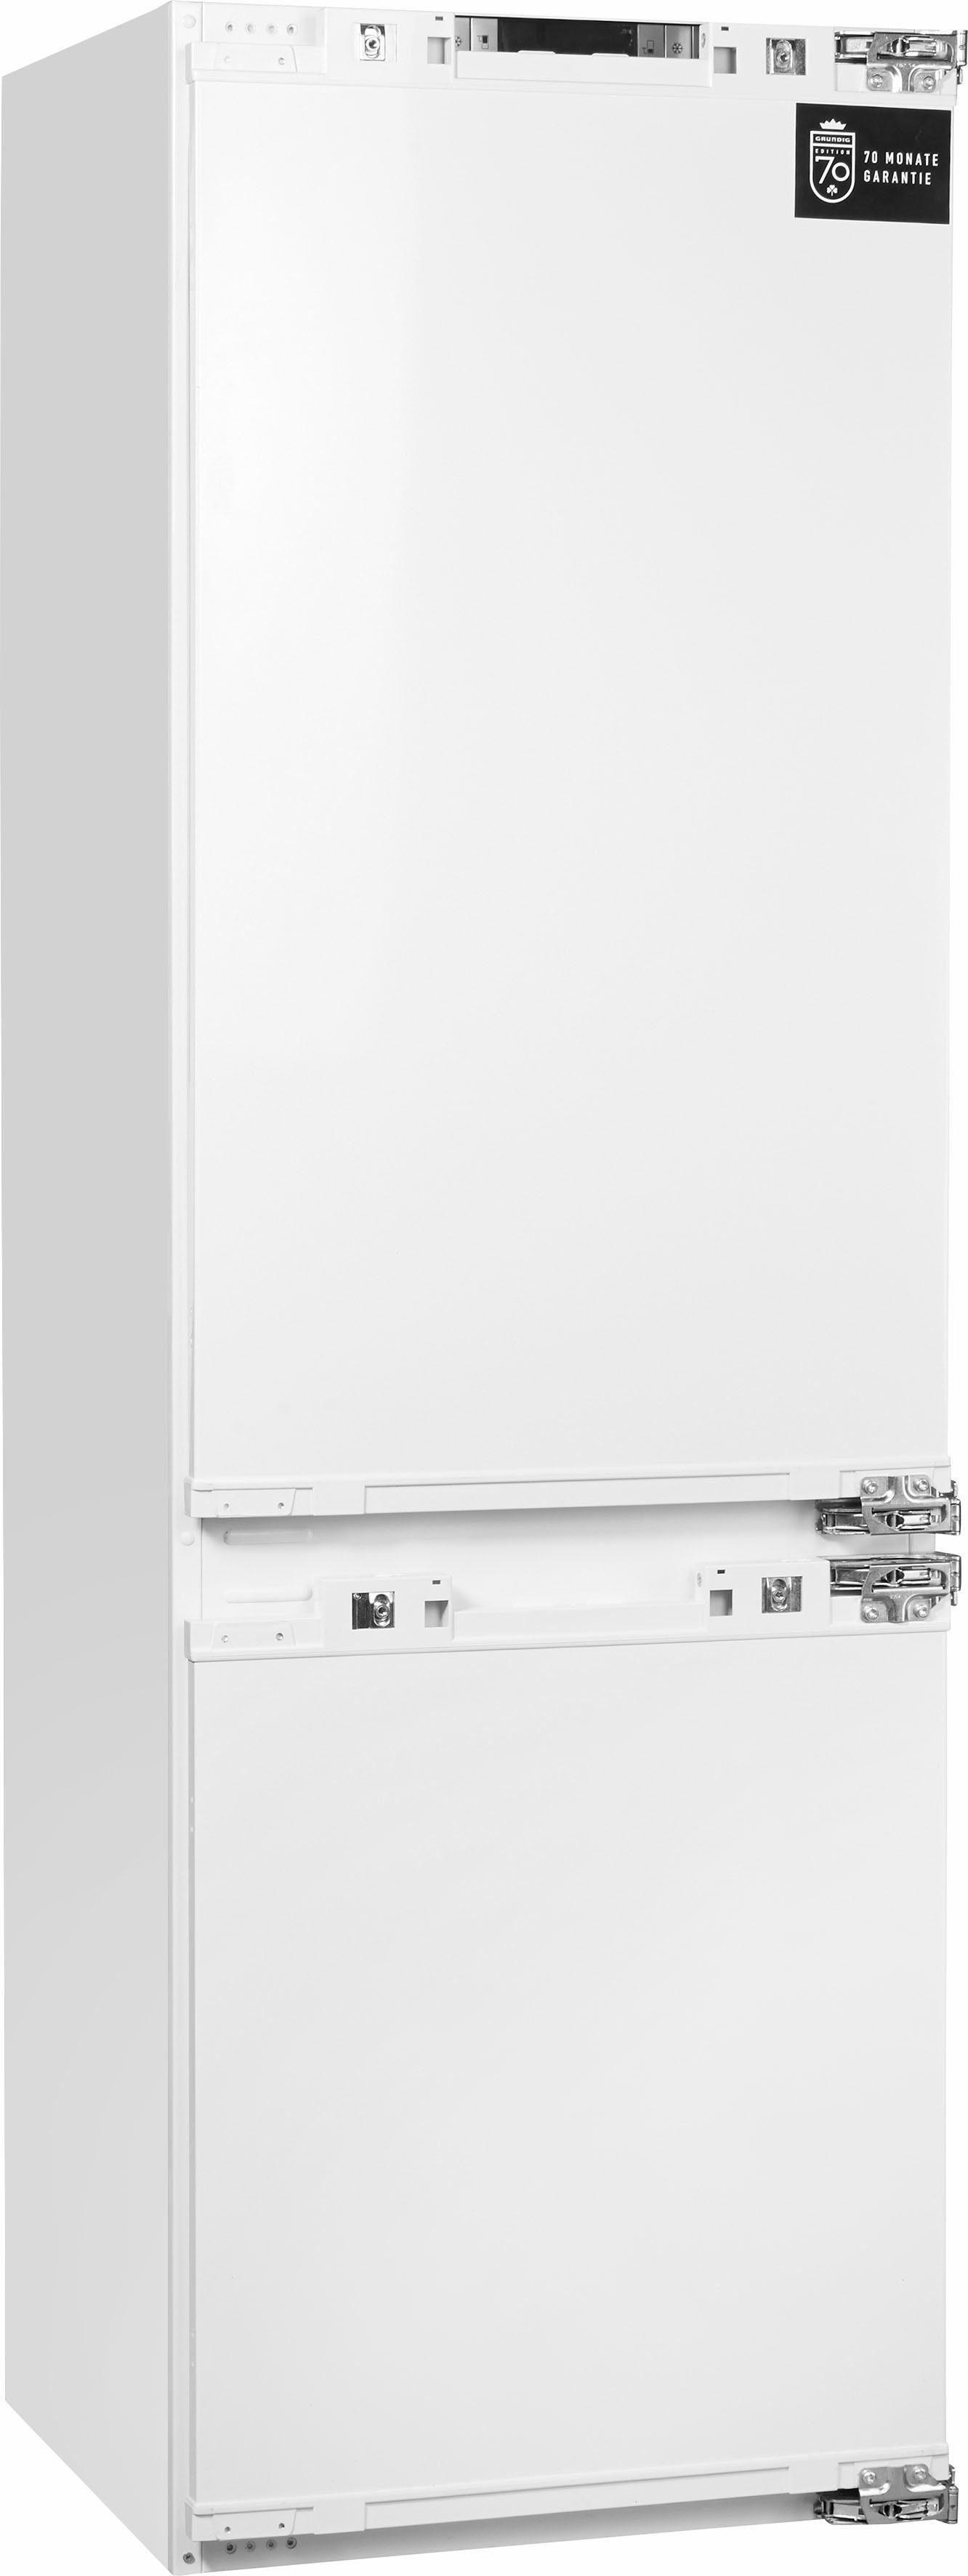 Grundig integrierbare Einbau-Kühl-/Gefrierkombination Edition 70, Energieklasse A++